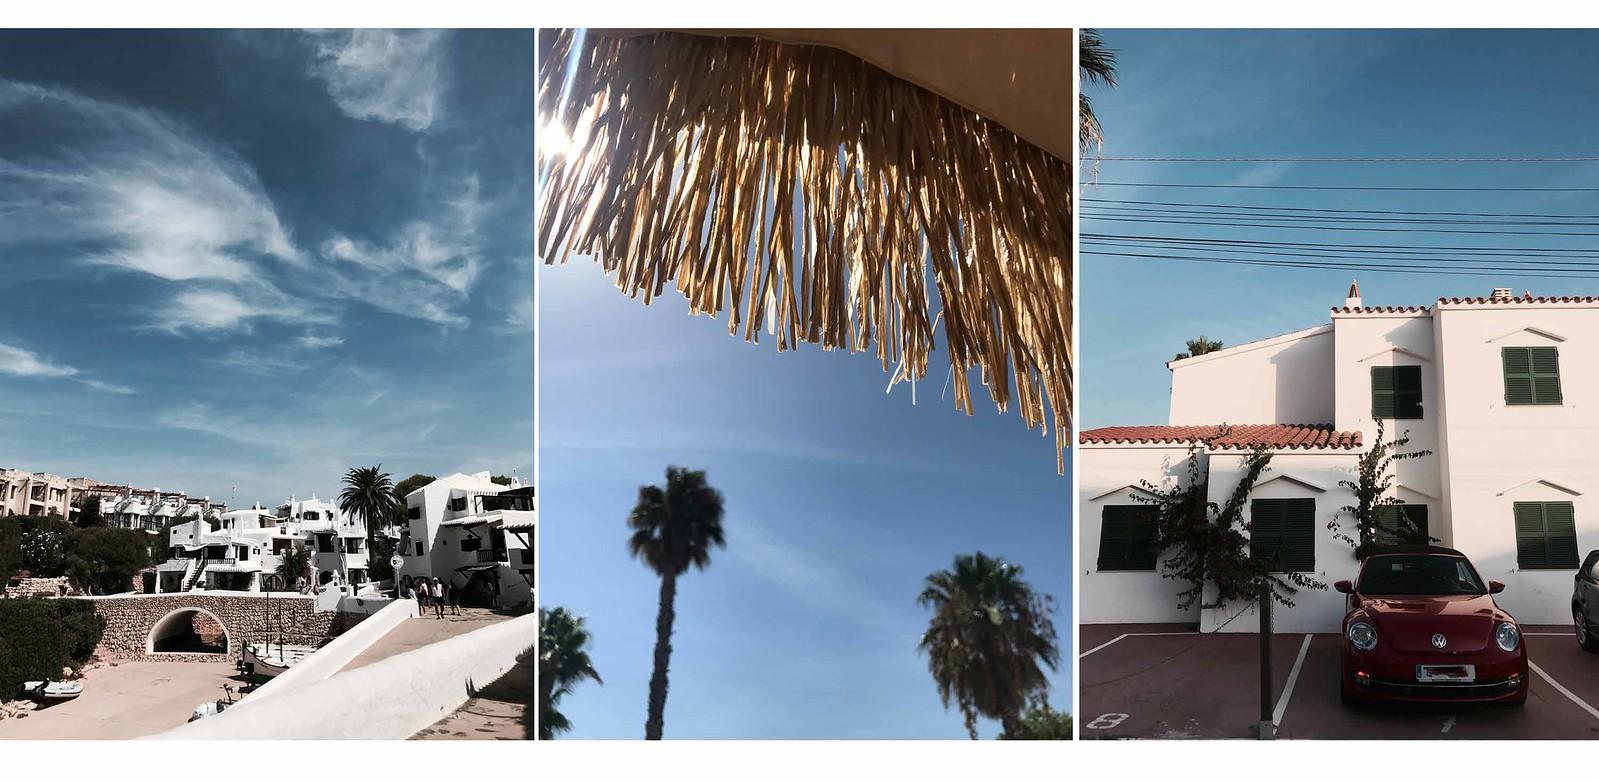 022_jamaica_apartamentos_menorca_vacaciones_en_familia_theguestgirl_travel_post_travel_viajar_fornells_menorca_the_guest_girl